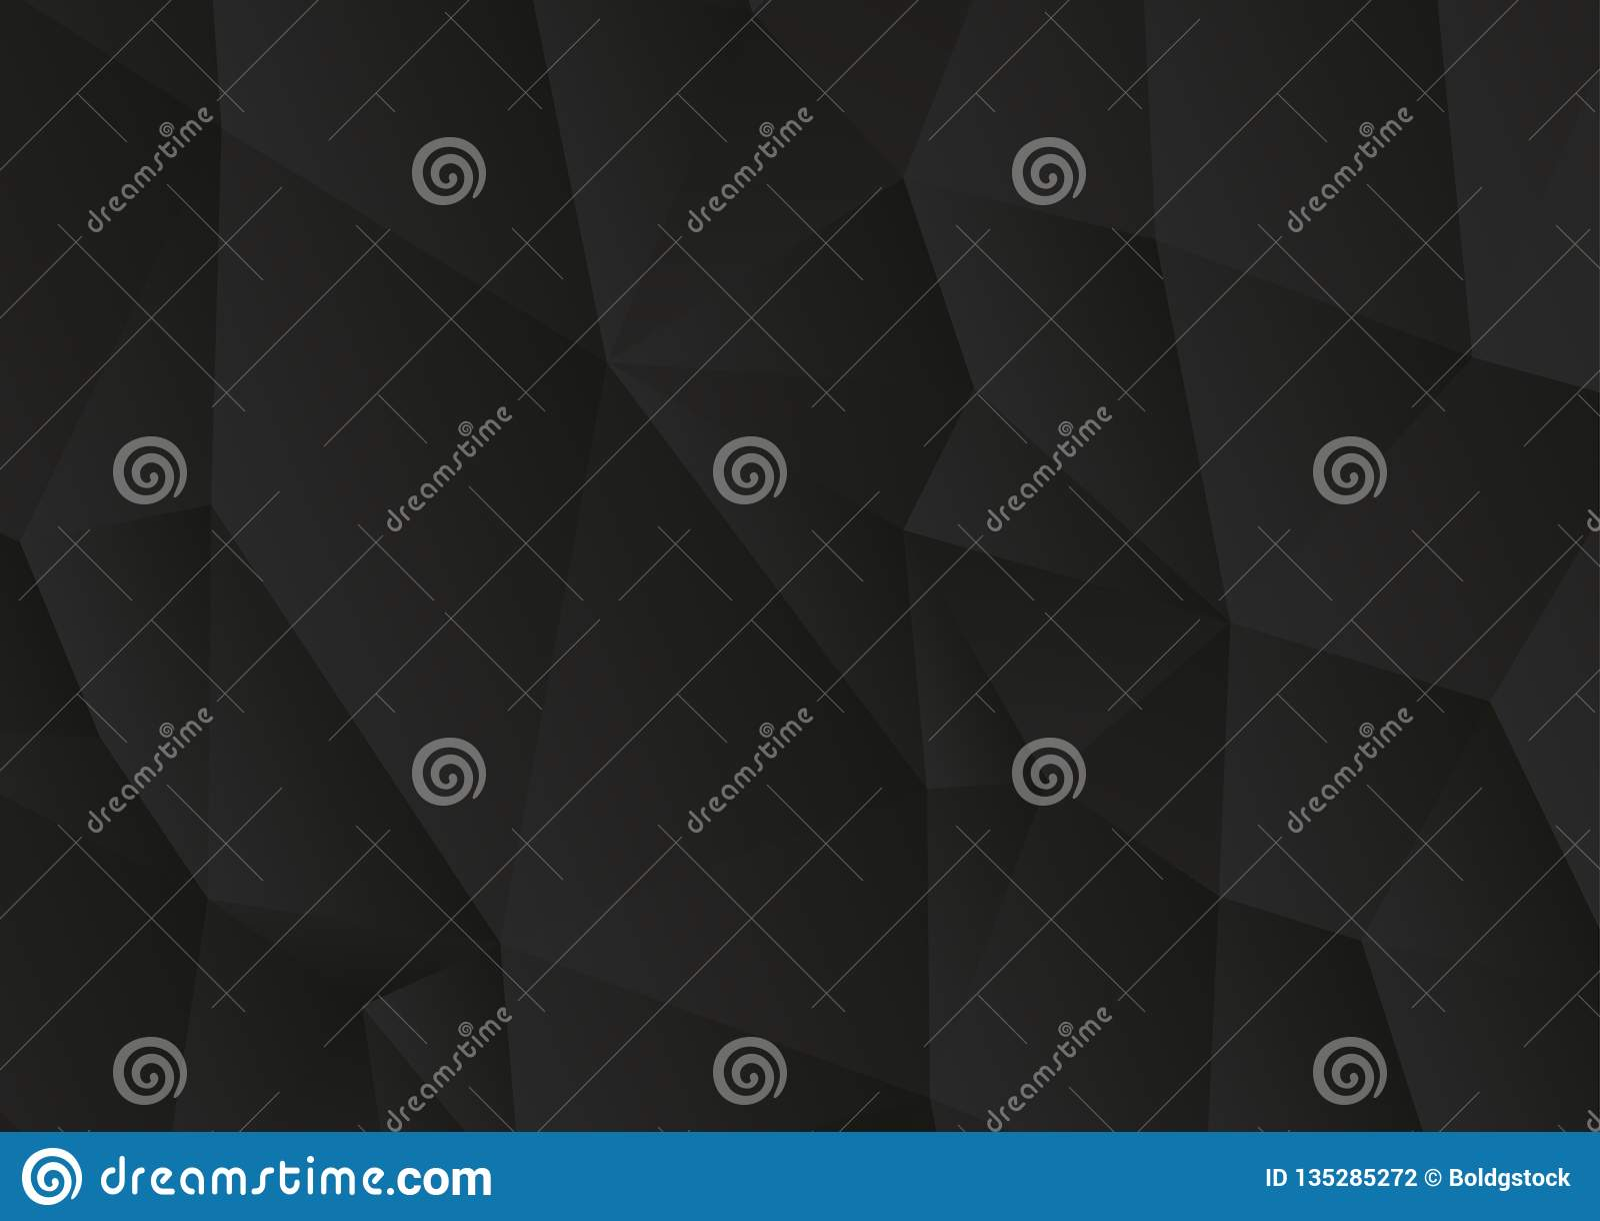 Driehoekige abstracte zwarte vectorachtergrond, de lage polyachtergrond van het driehoekenmozaïek